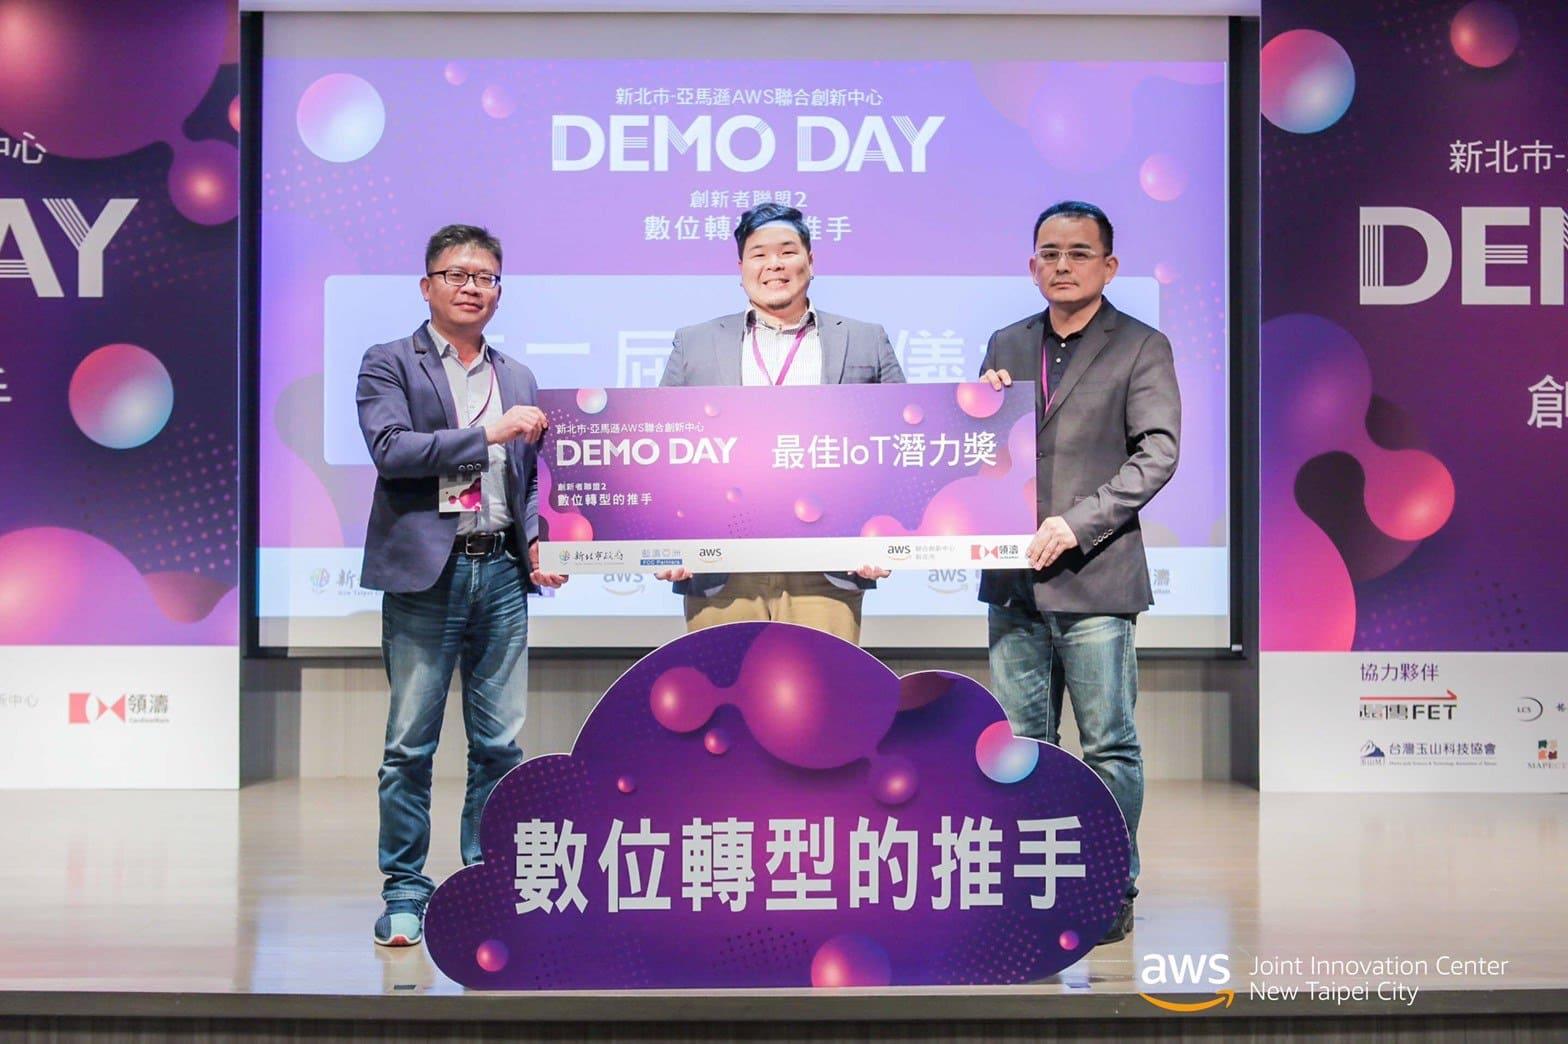 快思團隊於 AWS Demo Day 活動中獲得最佳 IoT 潛